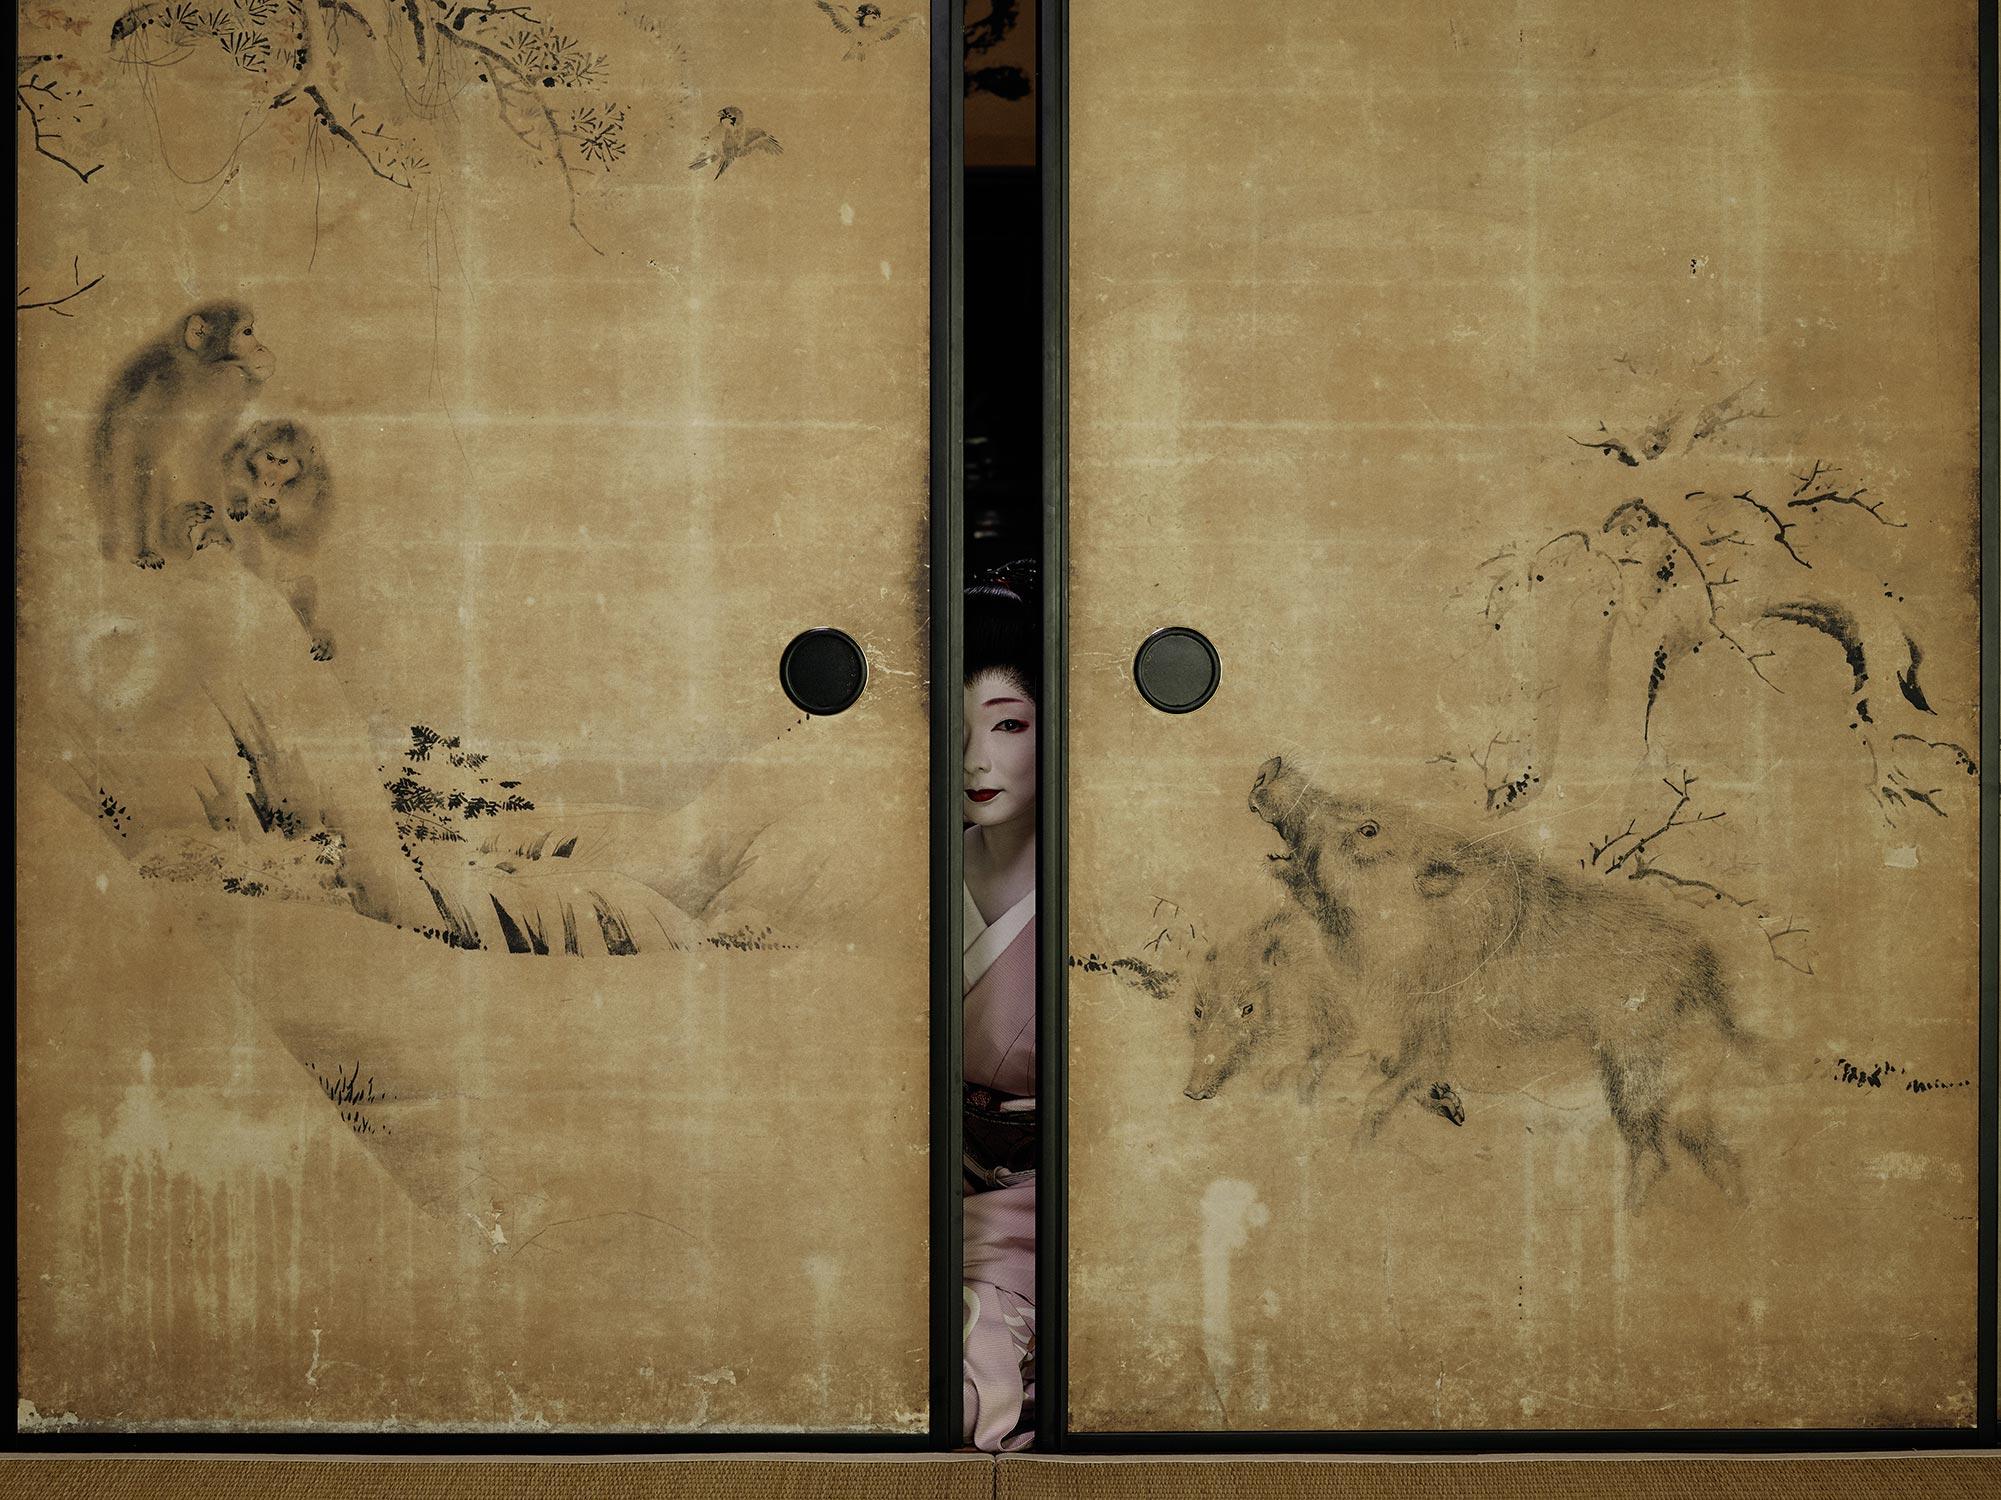 Fotografia di ritratto di Geisha dietro il muro di Anoush Abrar